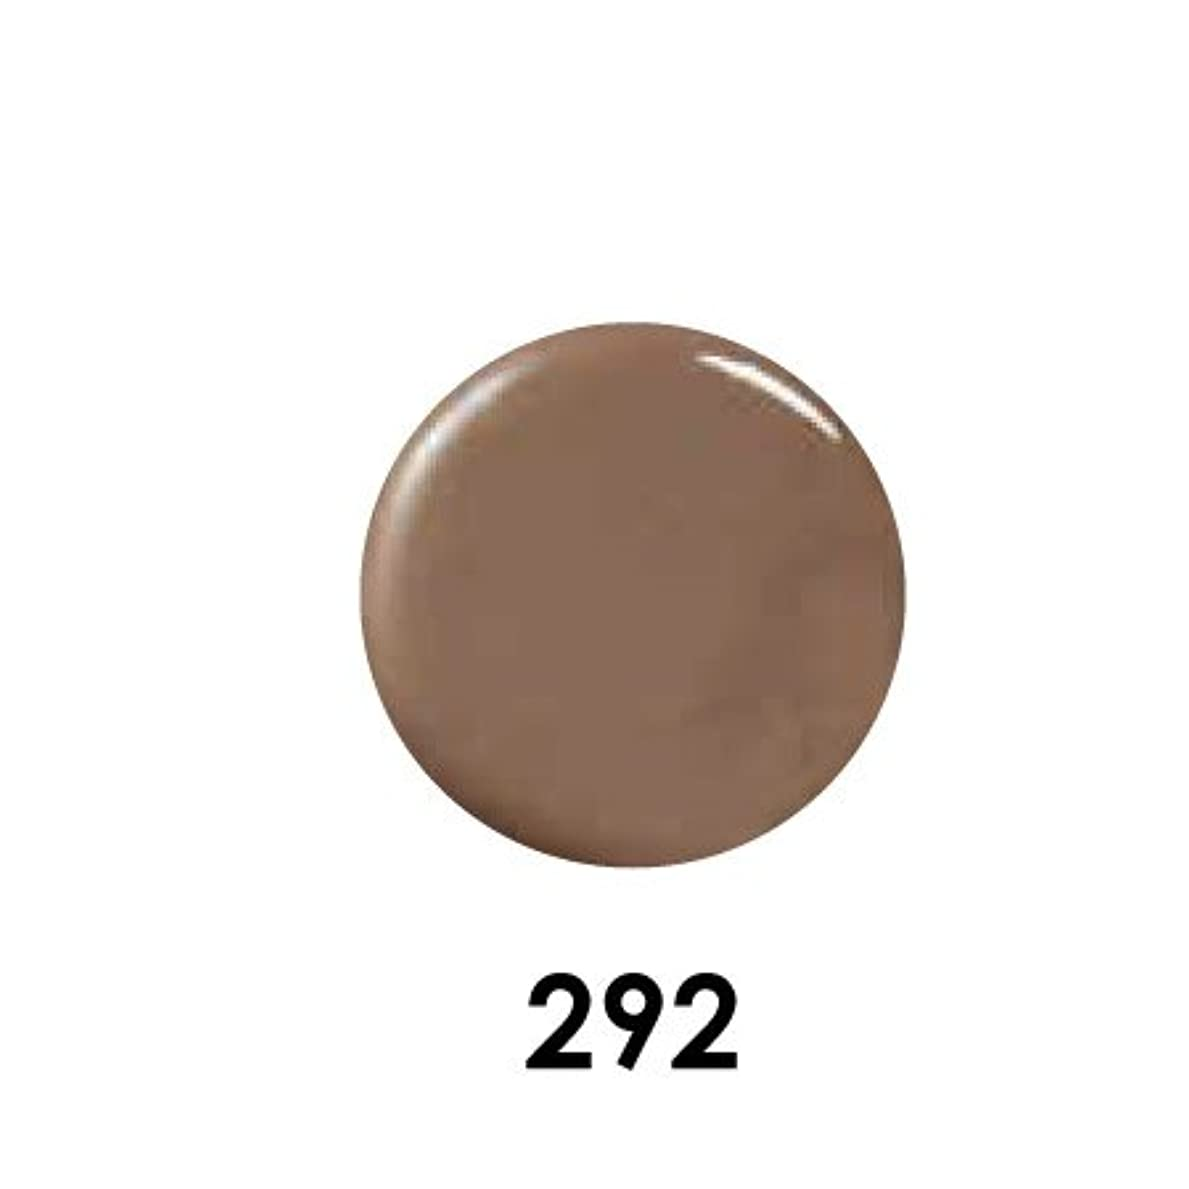 Putiel プティール カラージェル 292 ジプシーブラウン 2g (MARIEプロデュース)